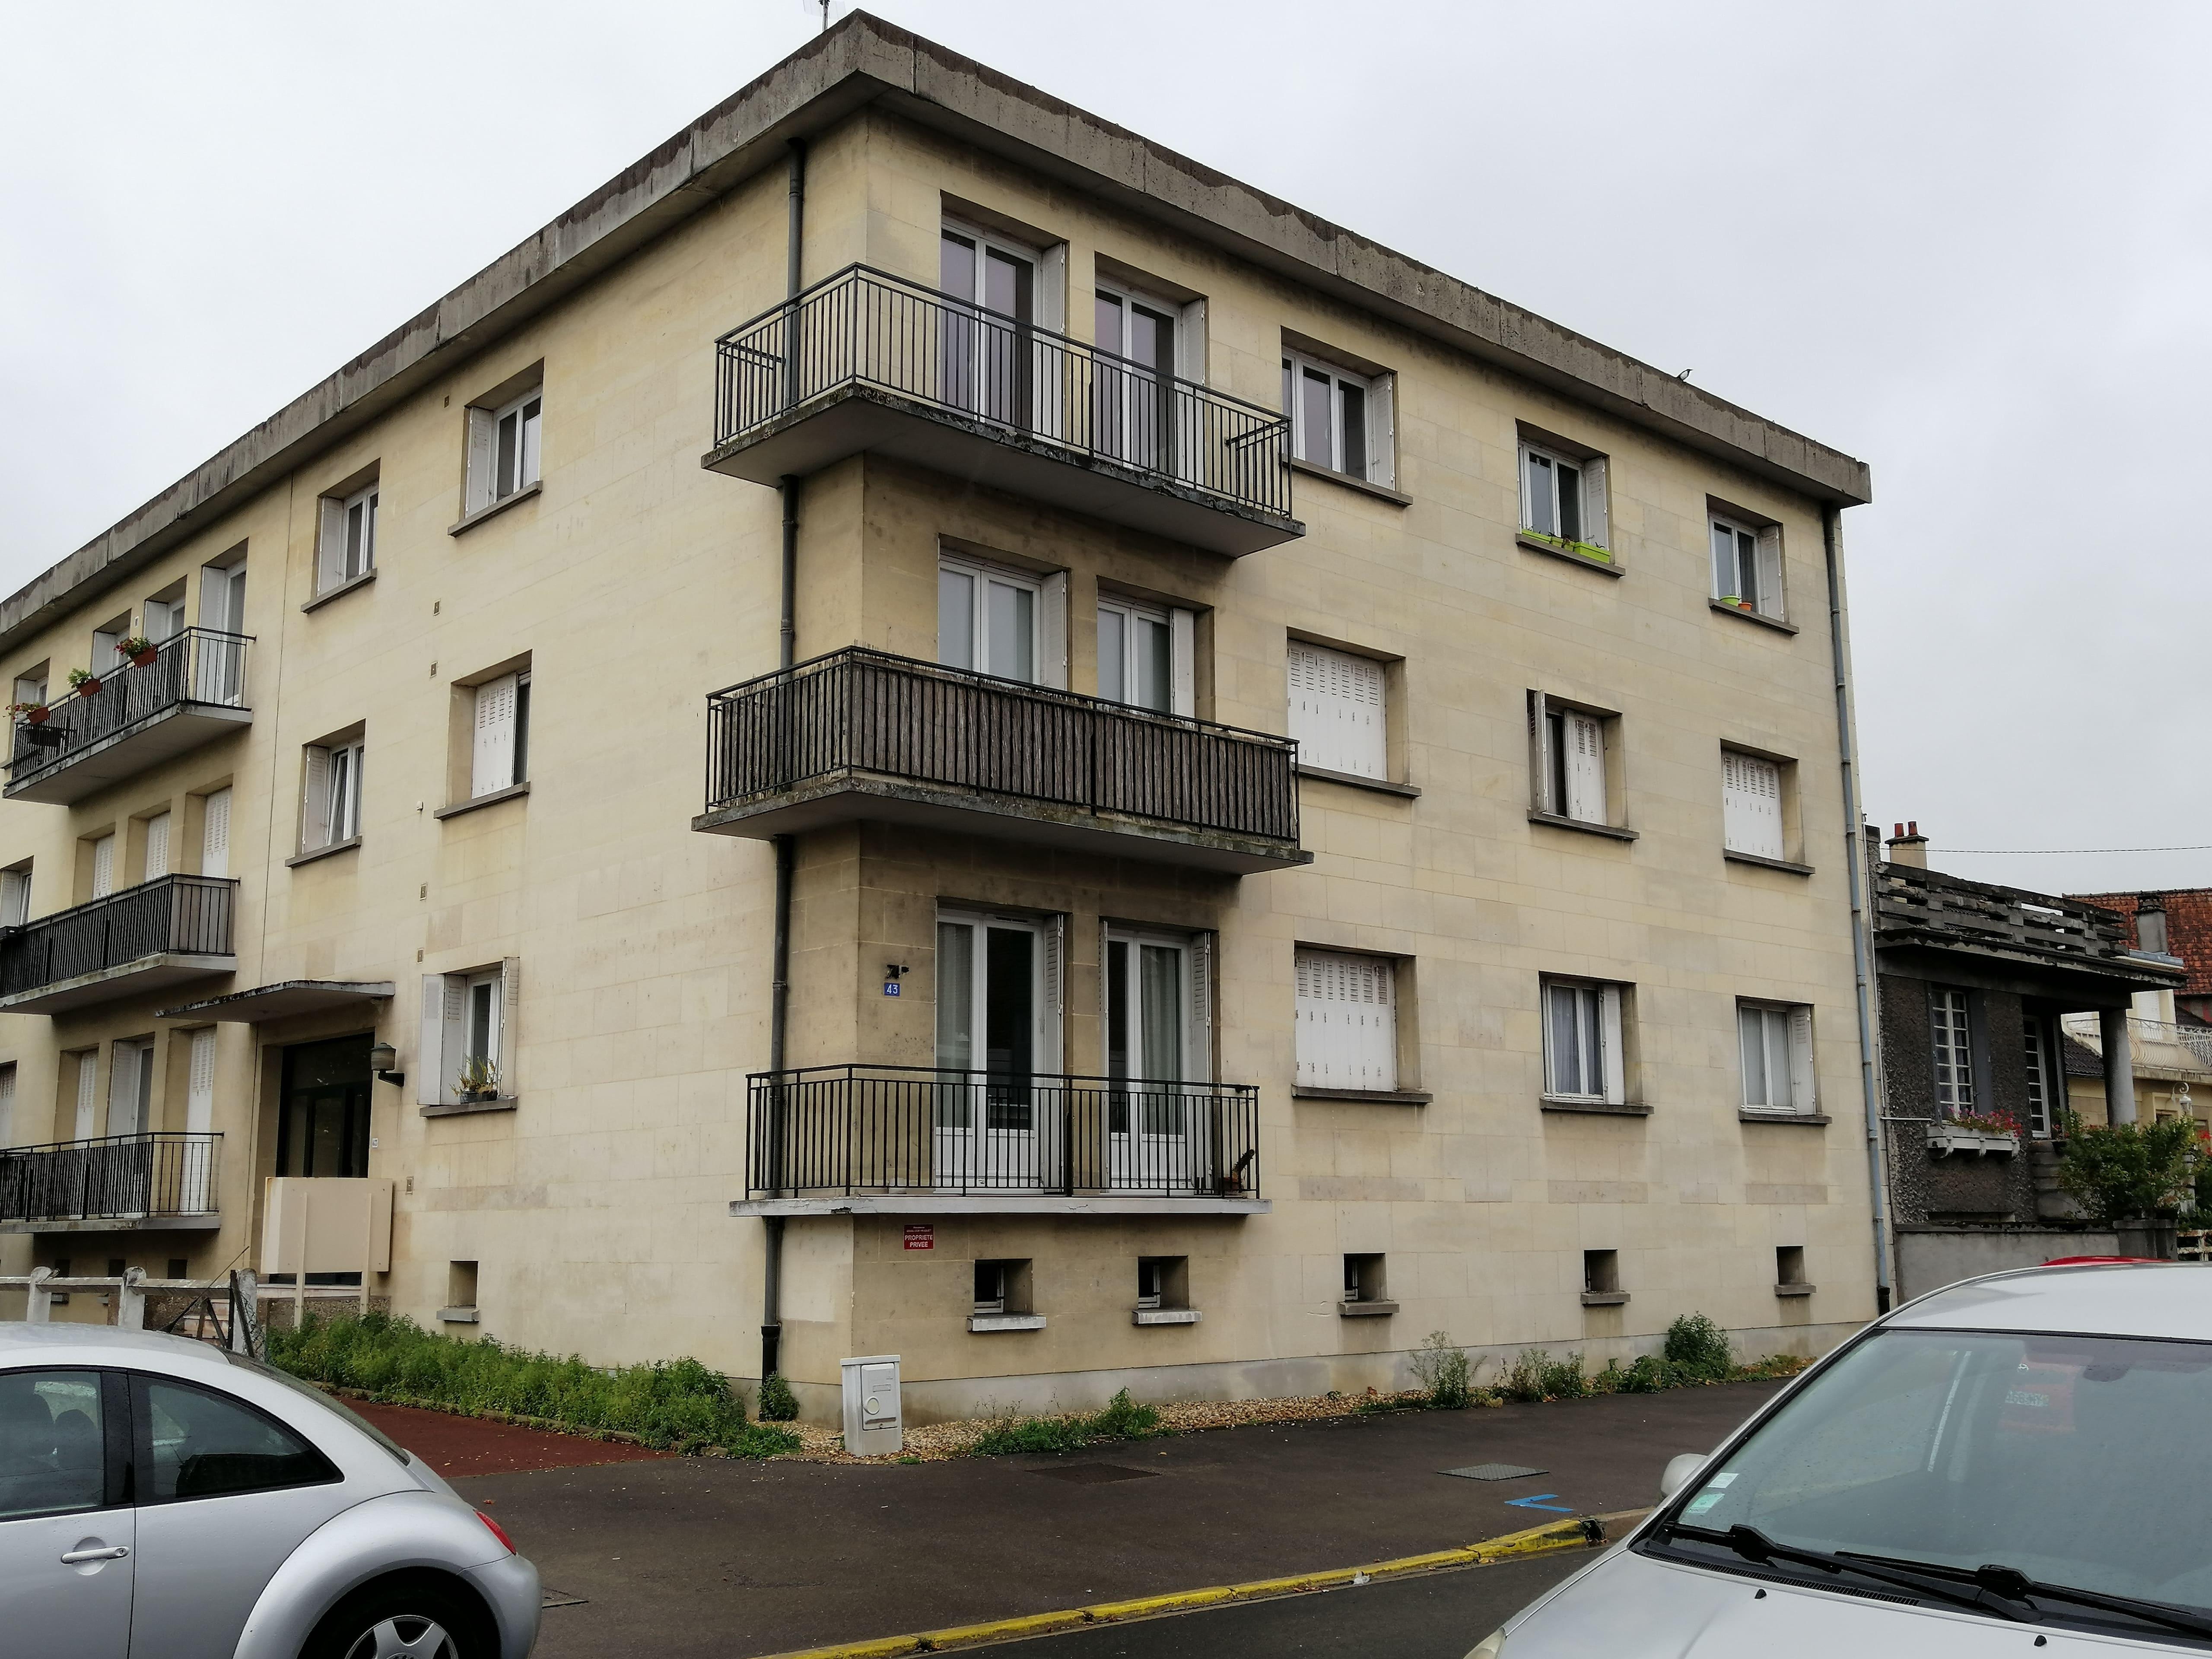 Résidence Goullieux Pauquet  - Hauts-de-France Pass Rénovation